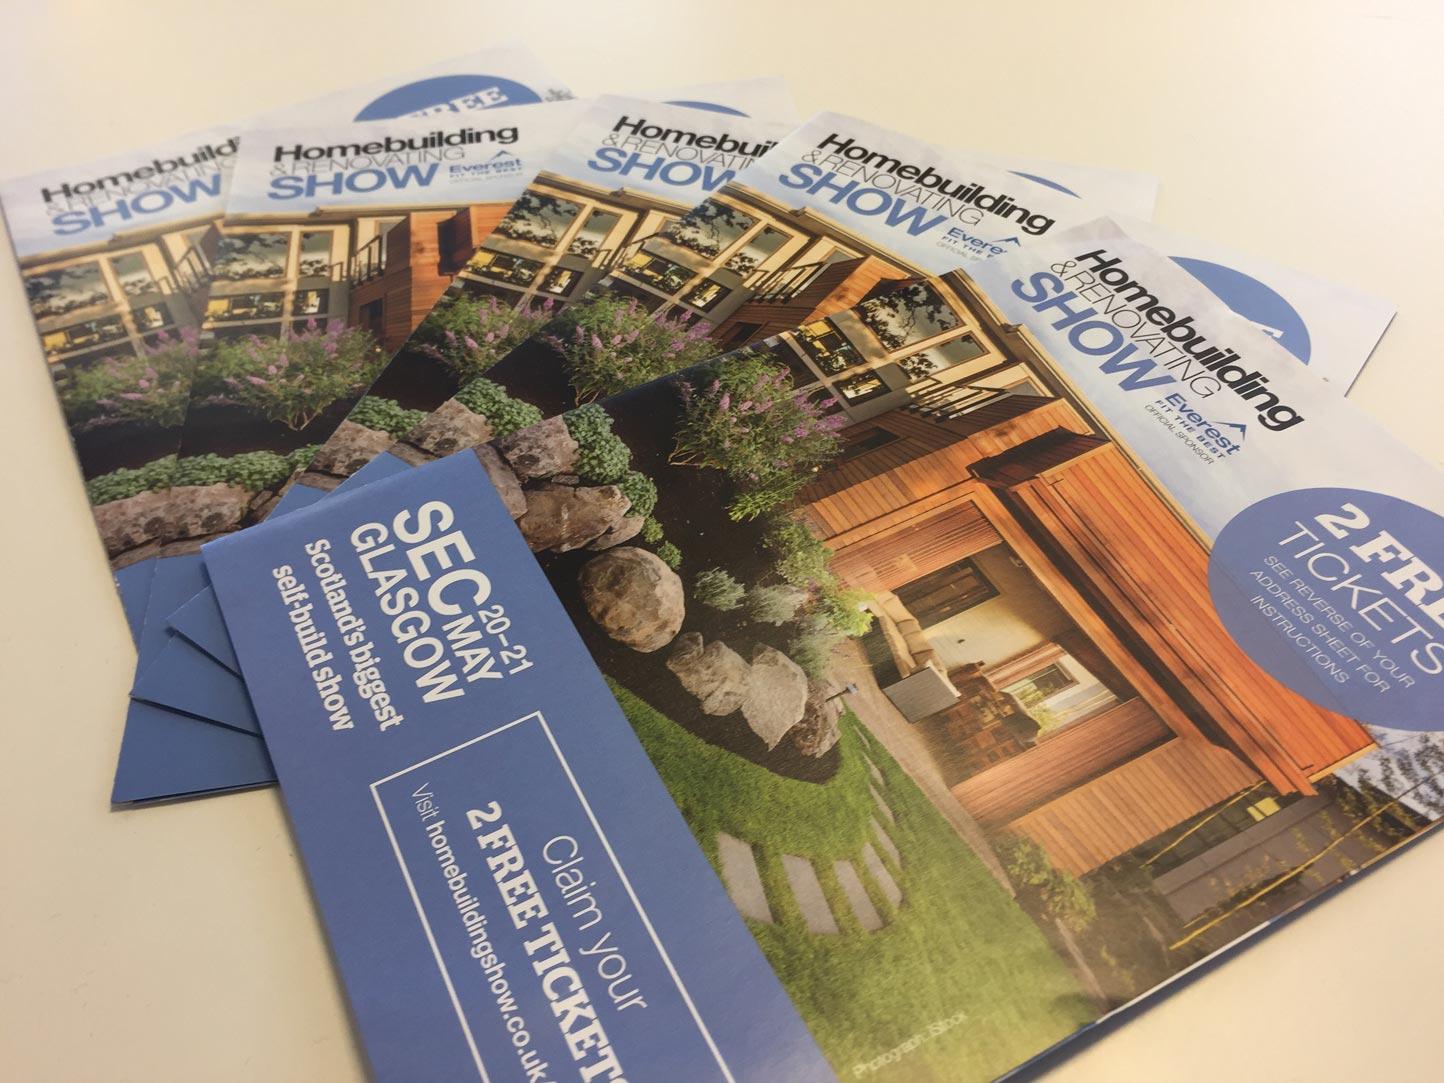 HBR Homebuilding & Renovating Show Glasgow ACA